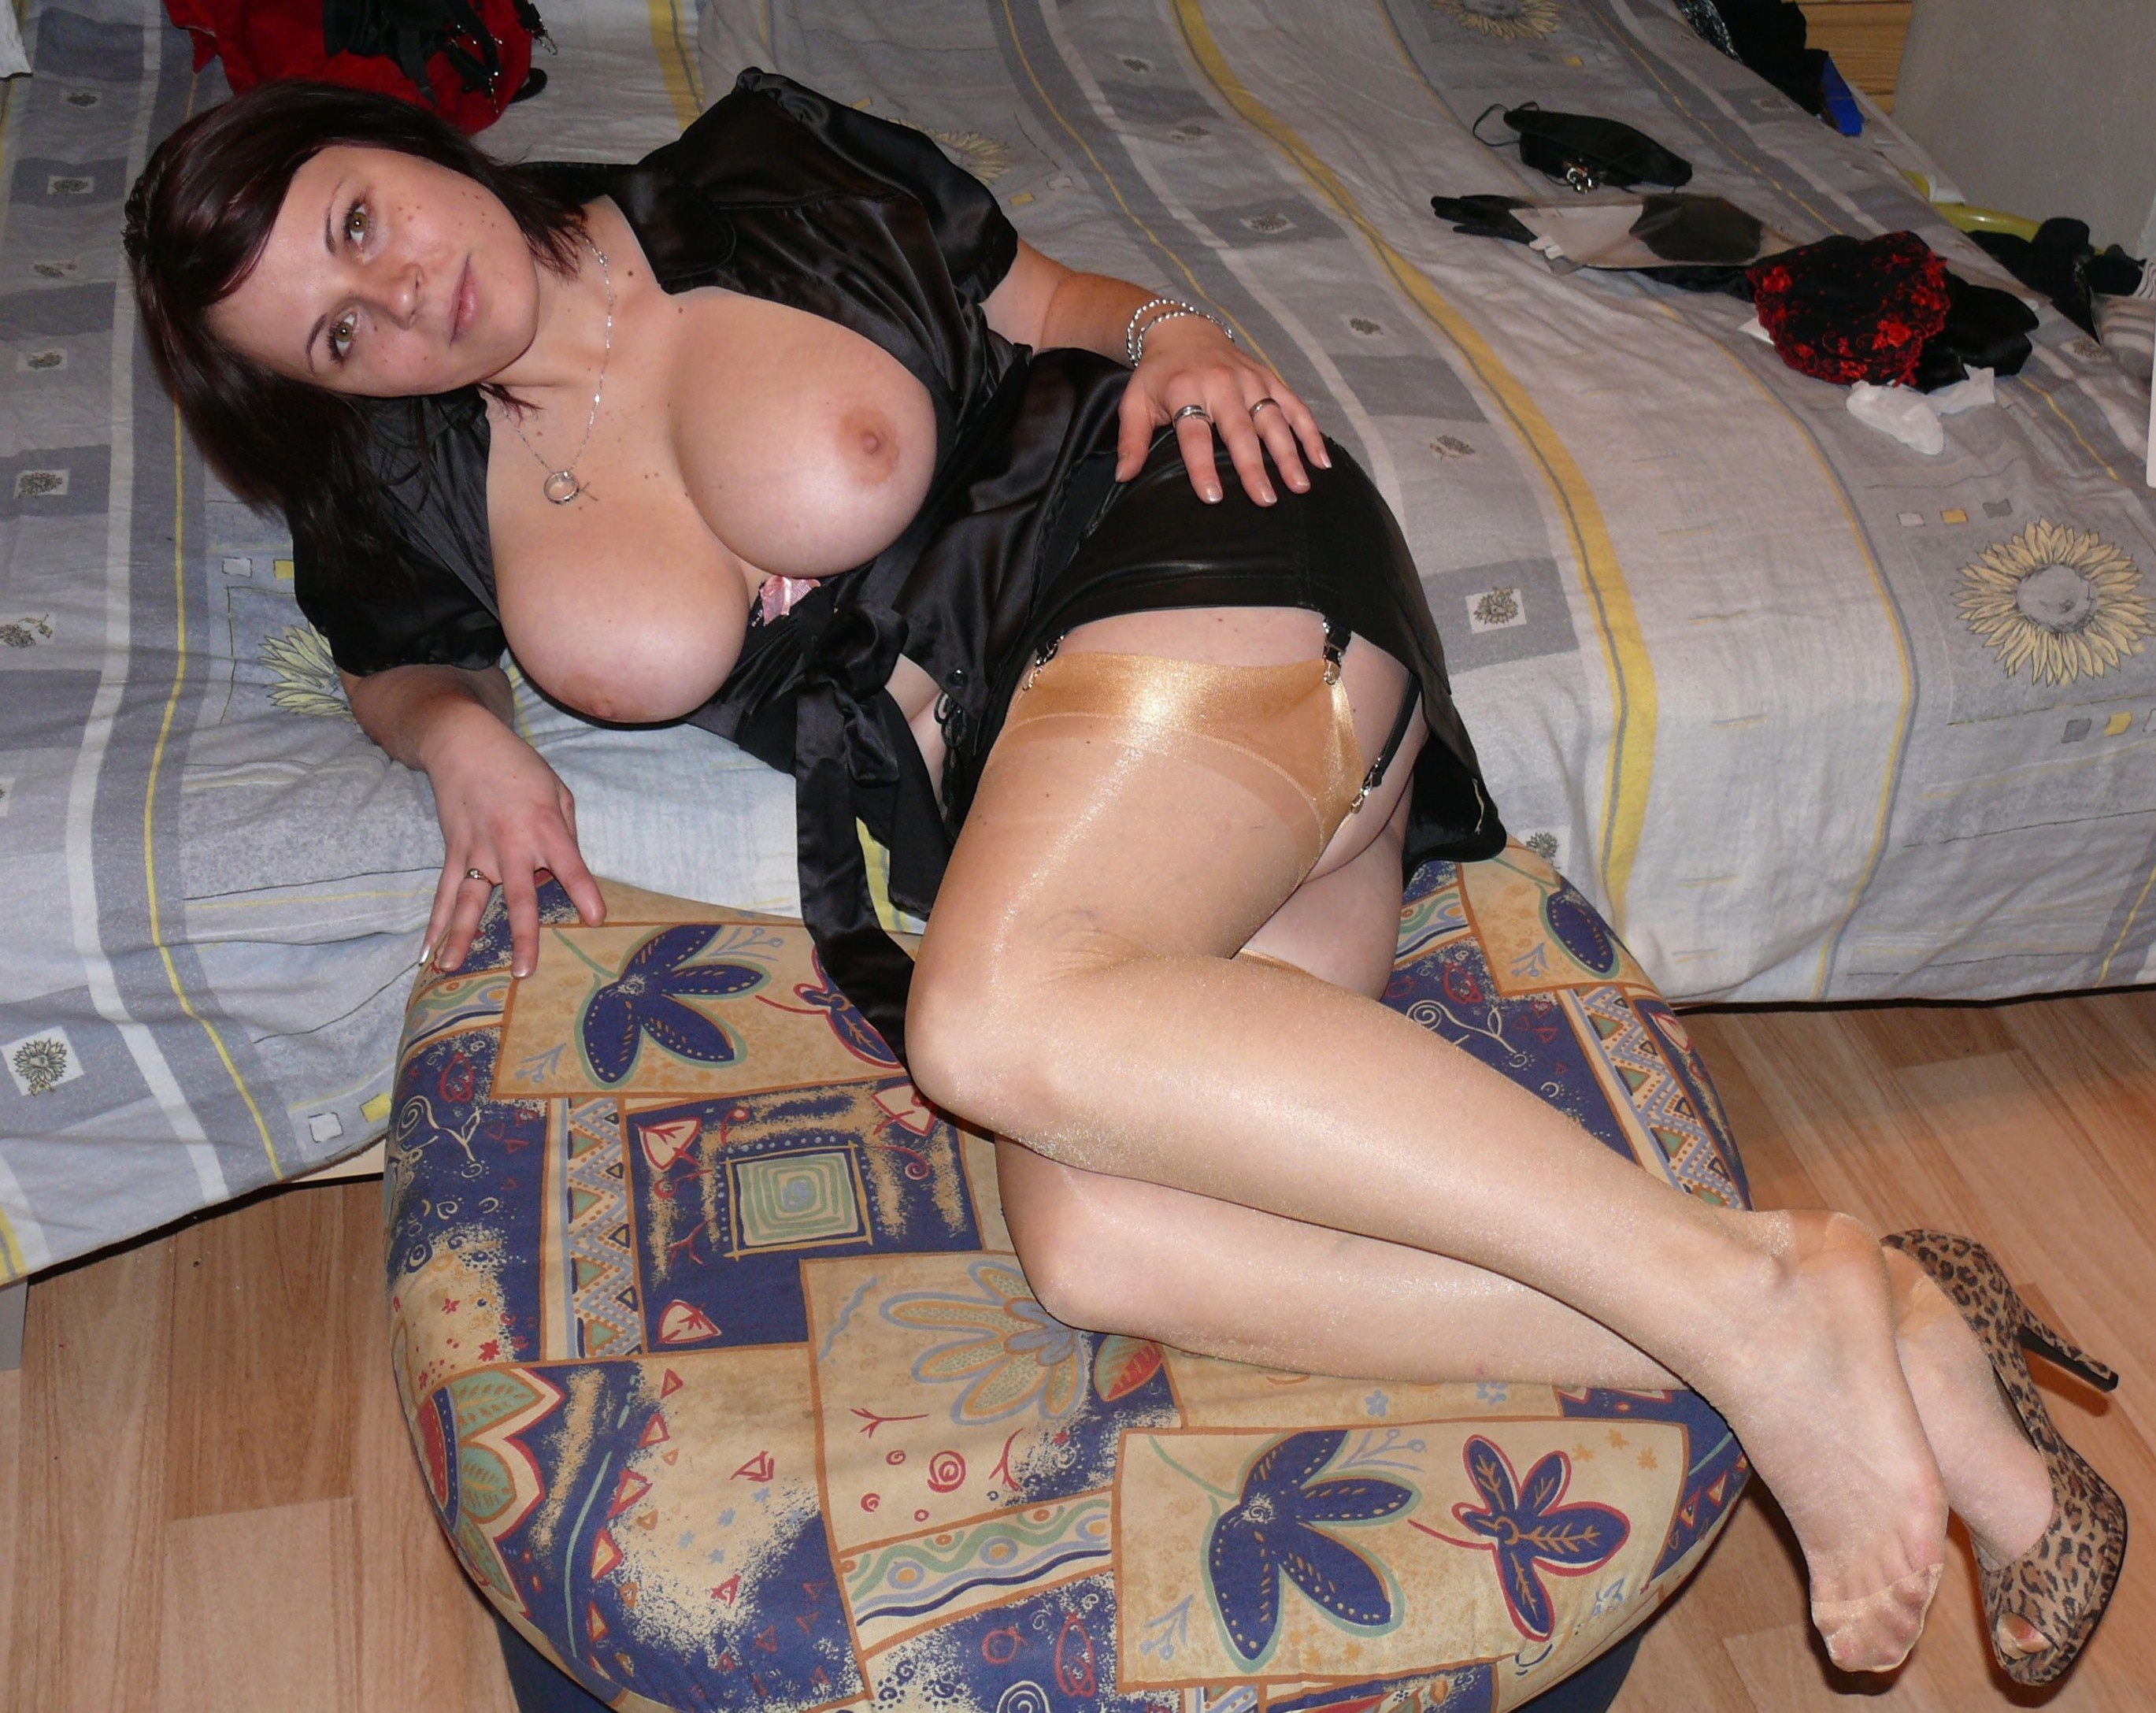 проститутки болшие сиськи спб